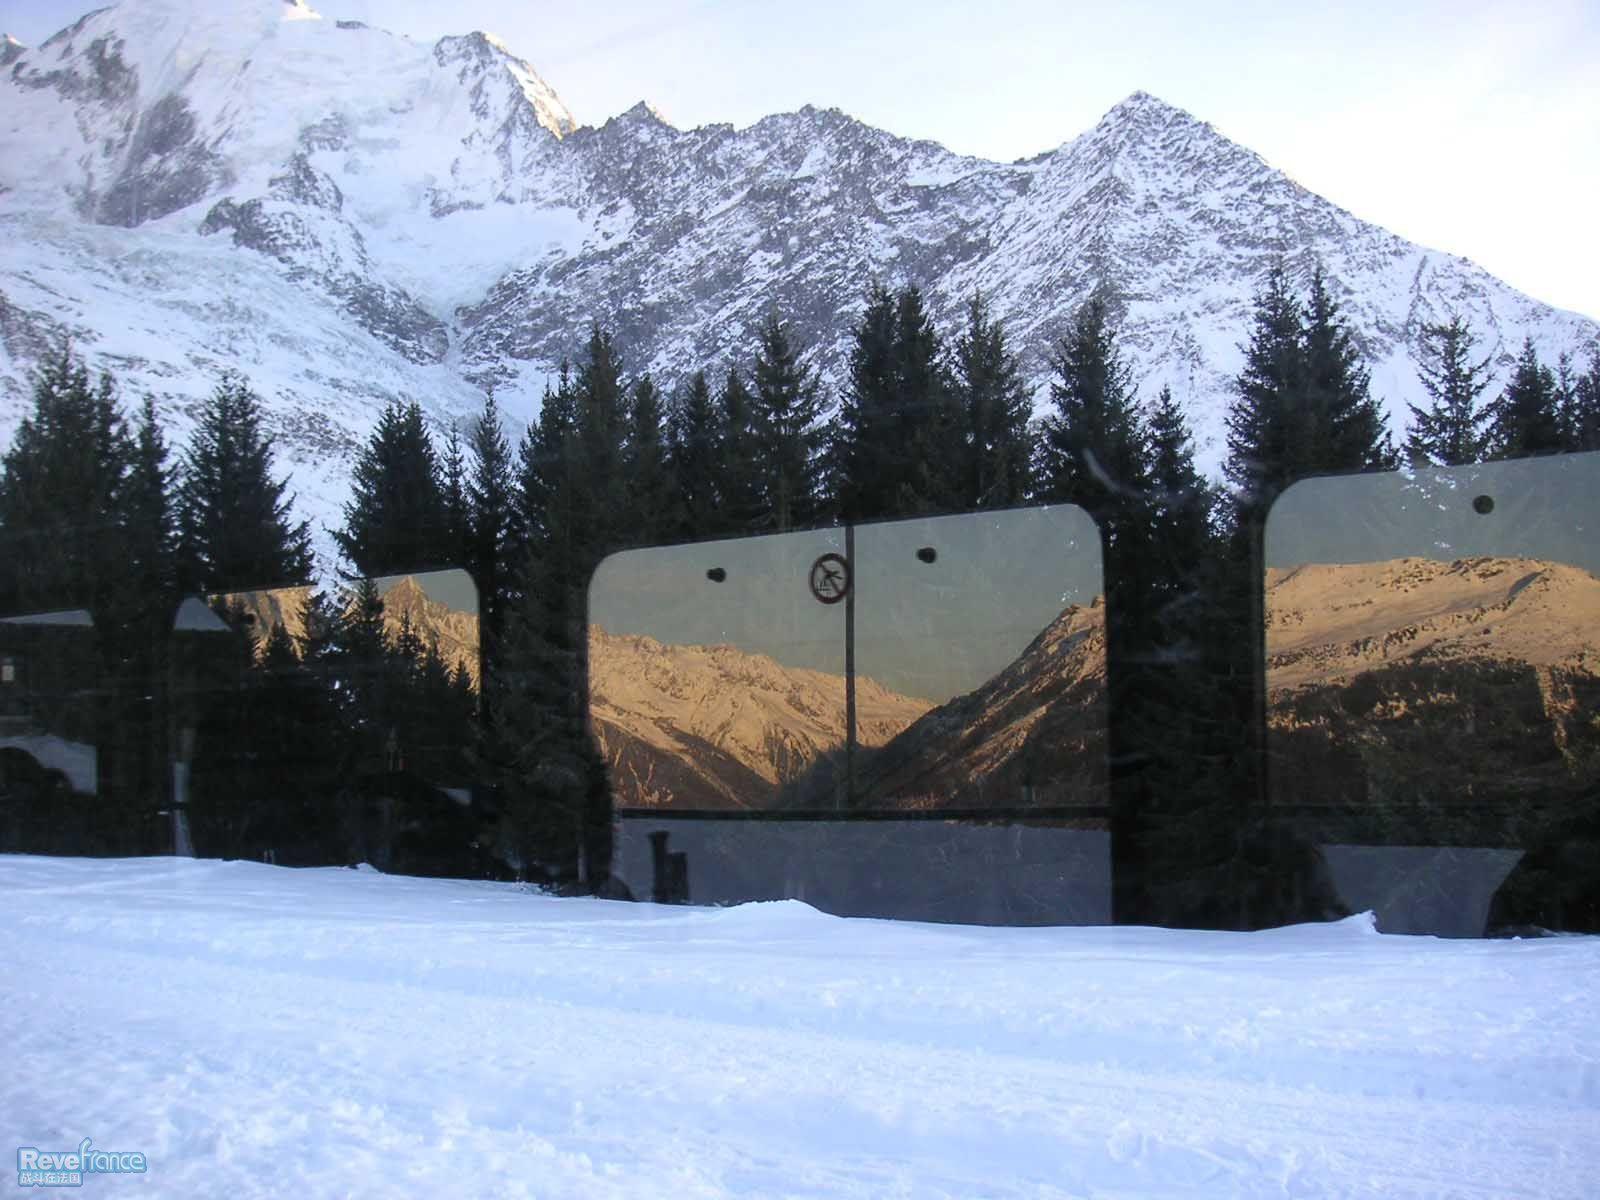 勃朗峰tramway里面拍到的景色